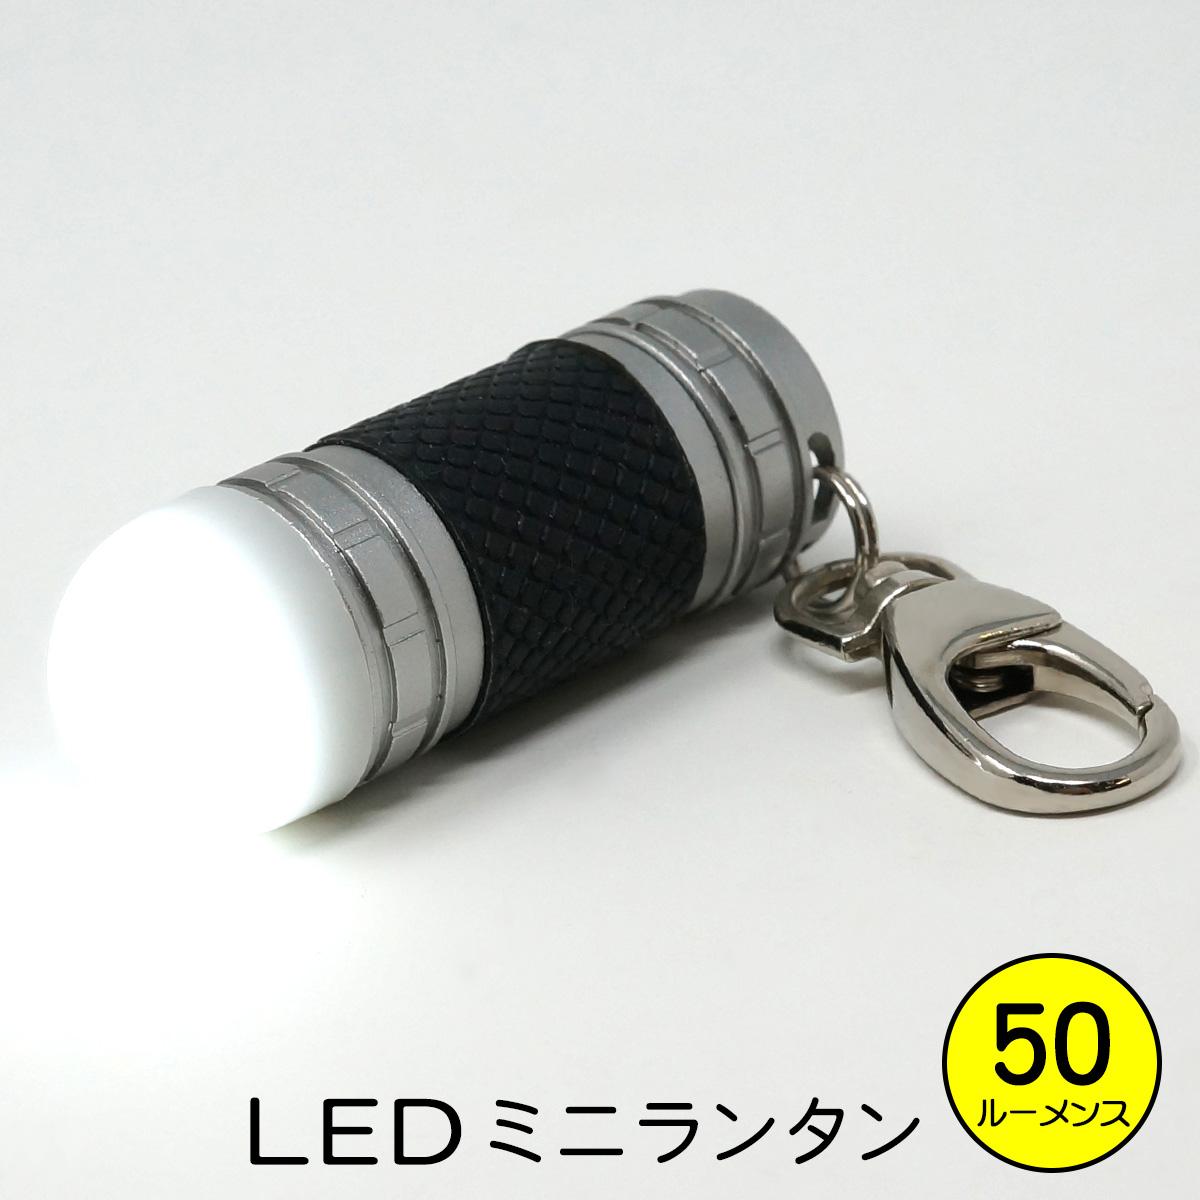 防災ライト キーホルダーライト 防災 非常用 LUX-PRO ミニ LED ランタン キーホルダー LEDライト 小さくても本格派